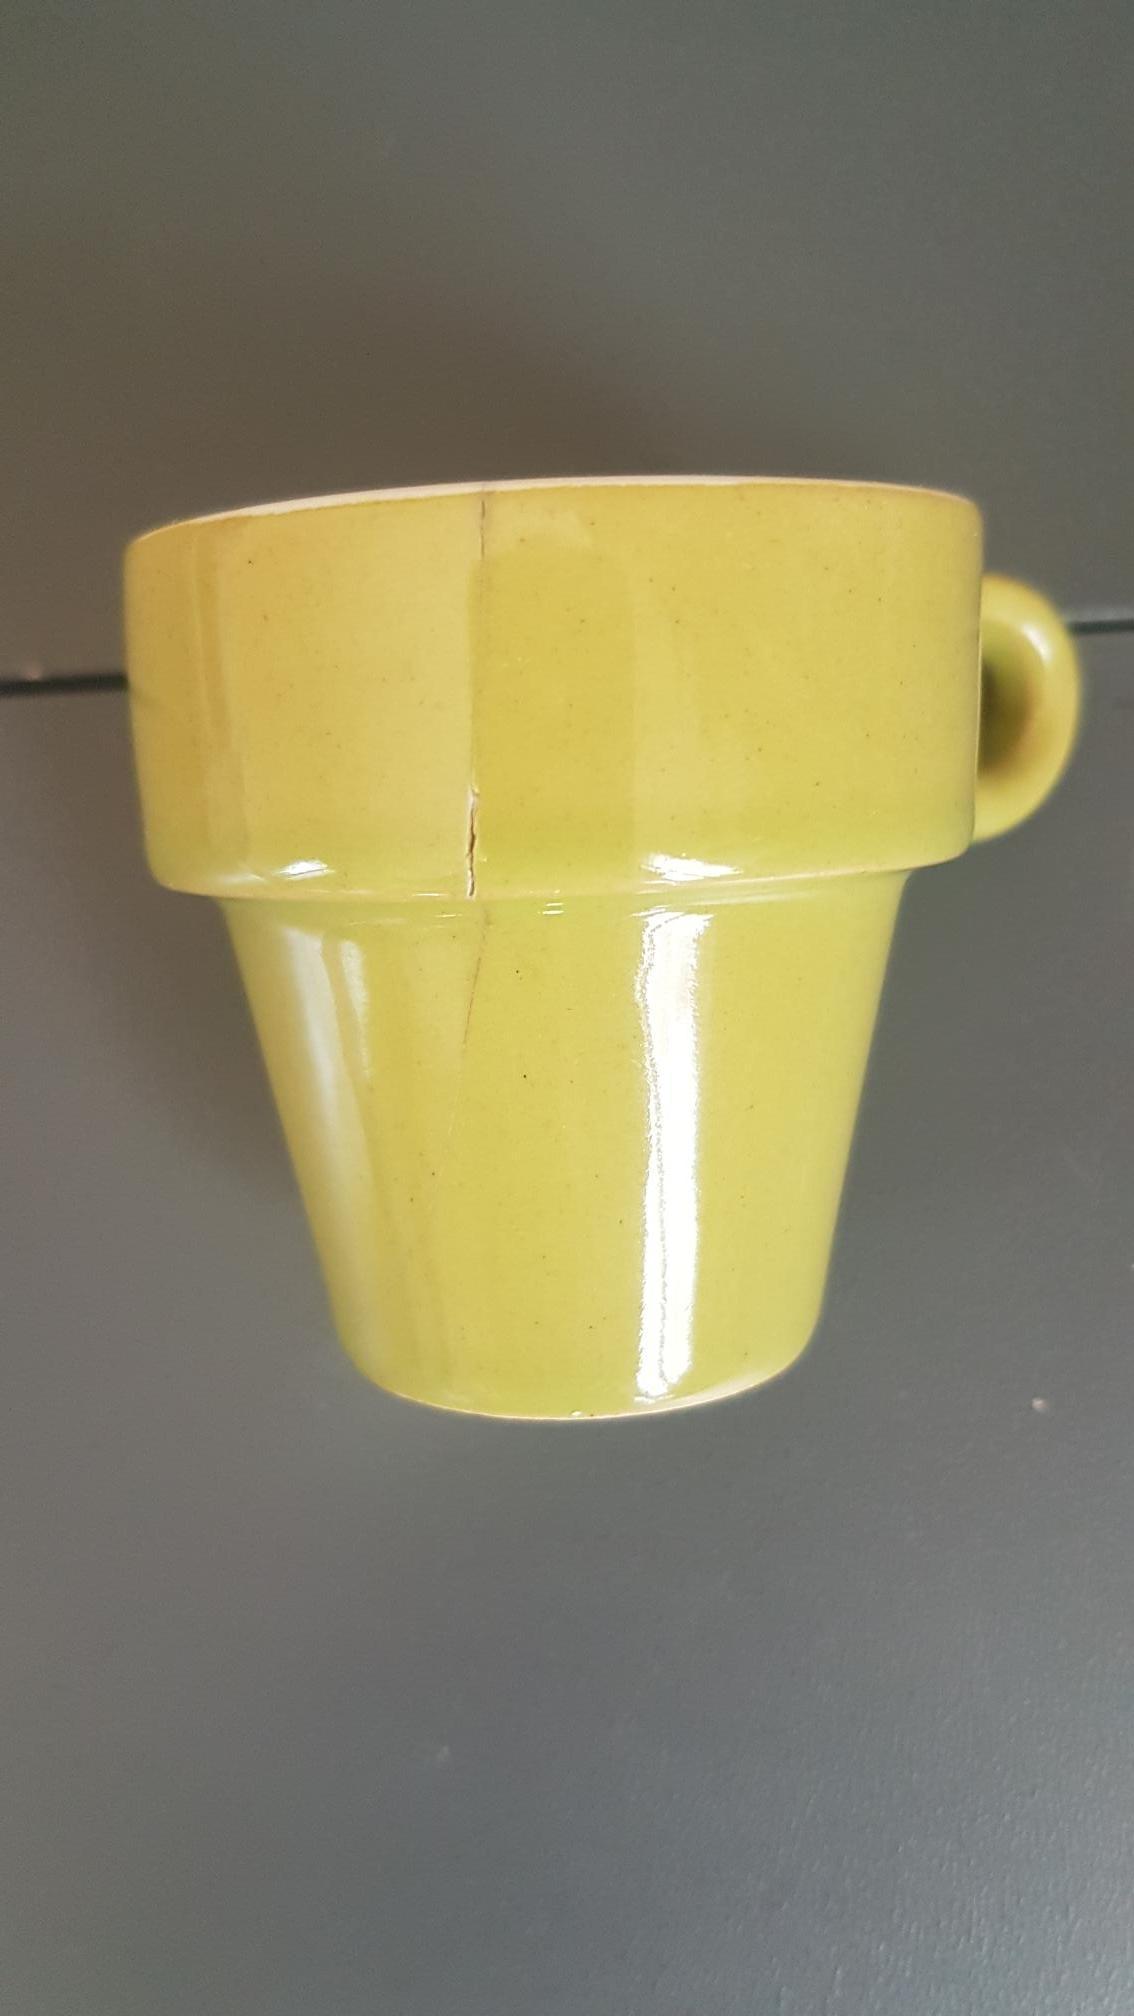 troc de troc 4 petites tasses à café et leur support image 1